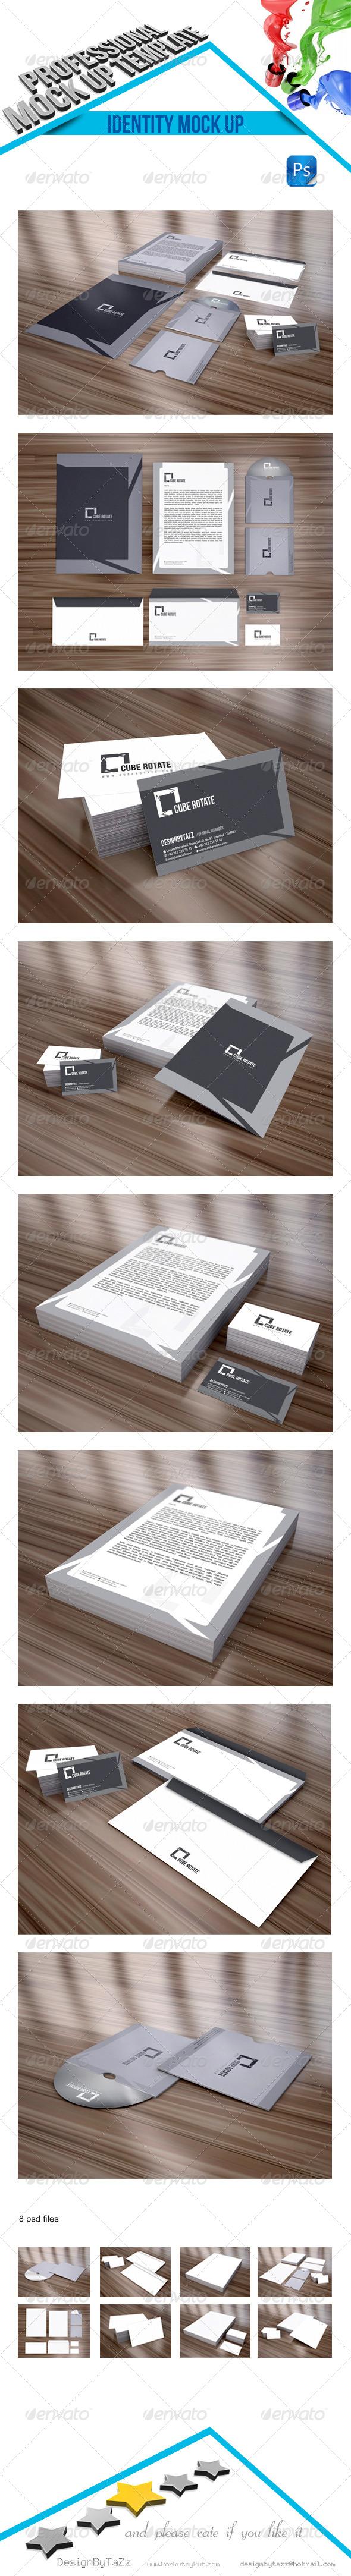 Stationery Branding Mock-Up v2 - Stationery Print